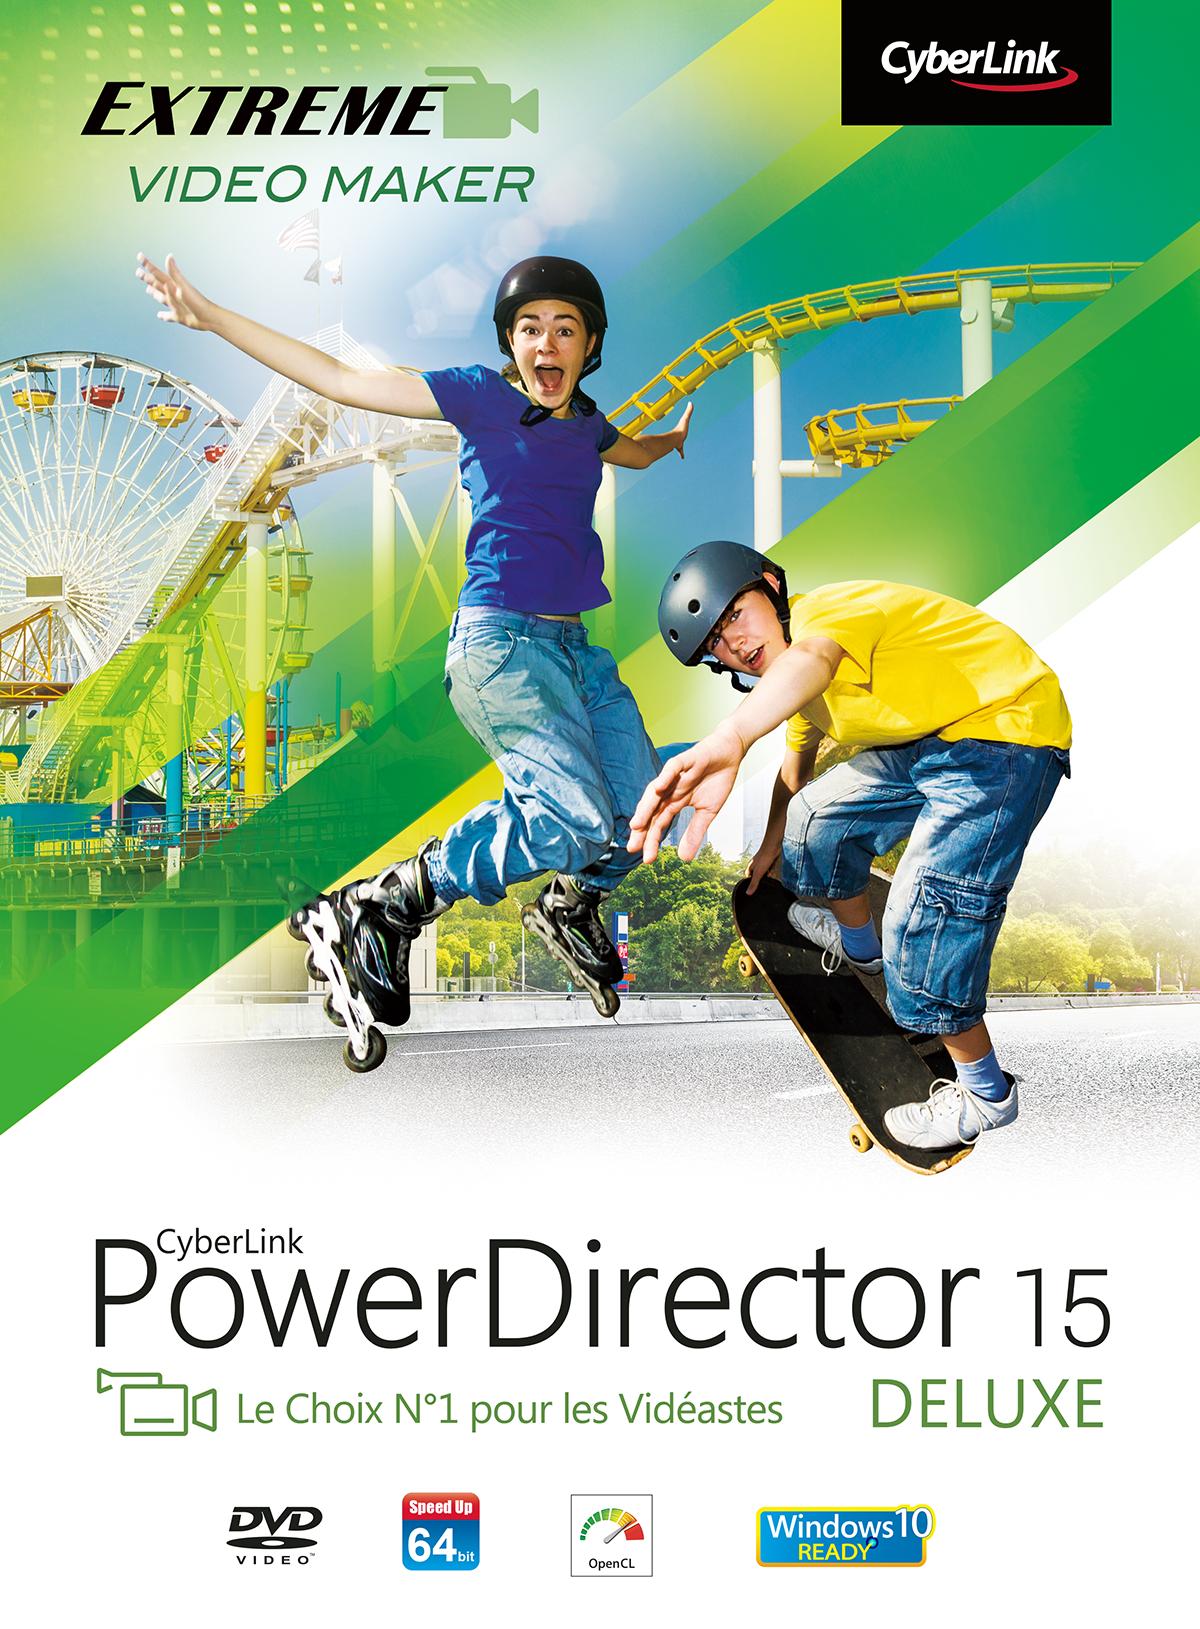 cyberlink-powerdirector-15-deluxe-telechargement